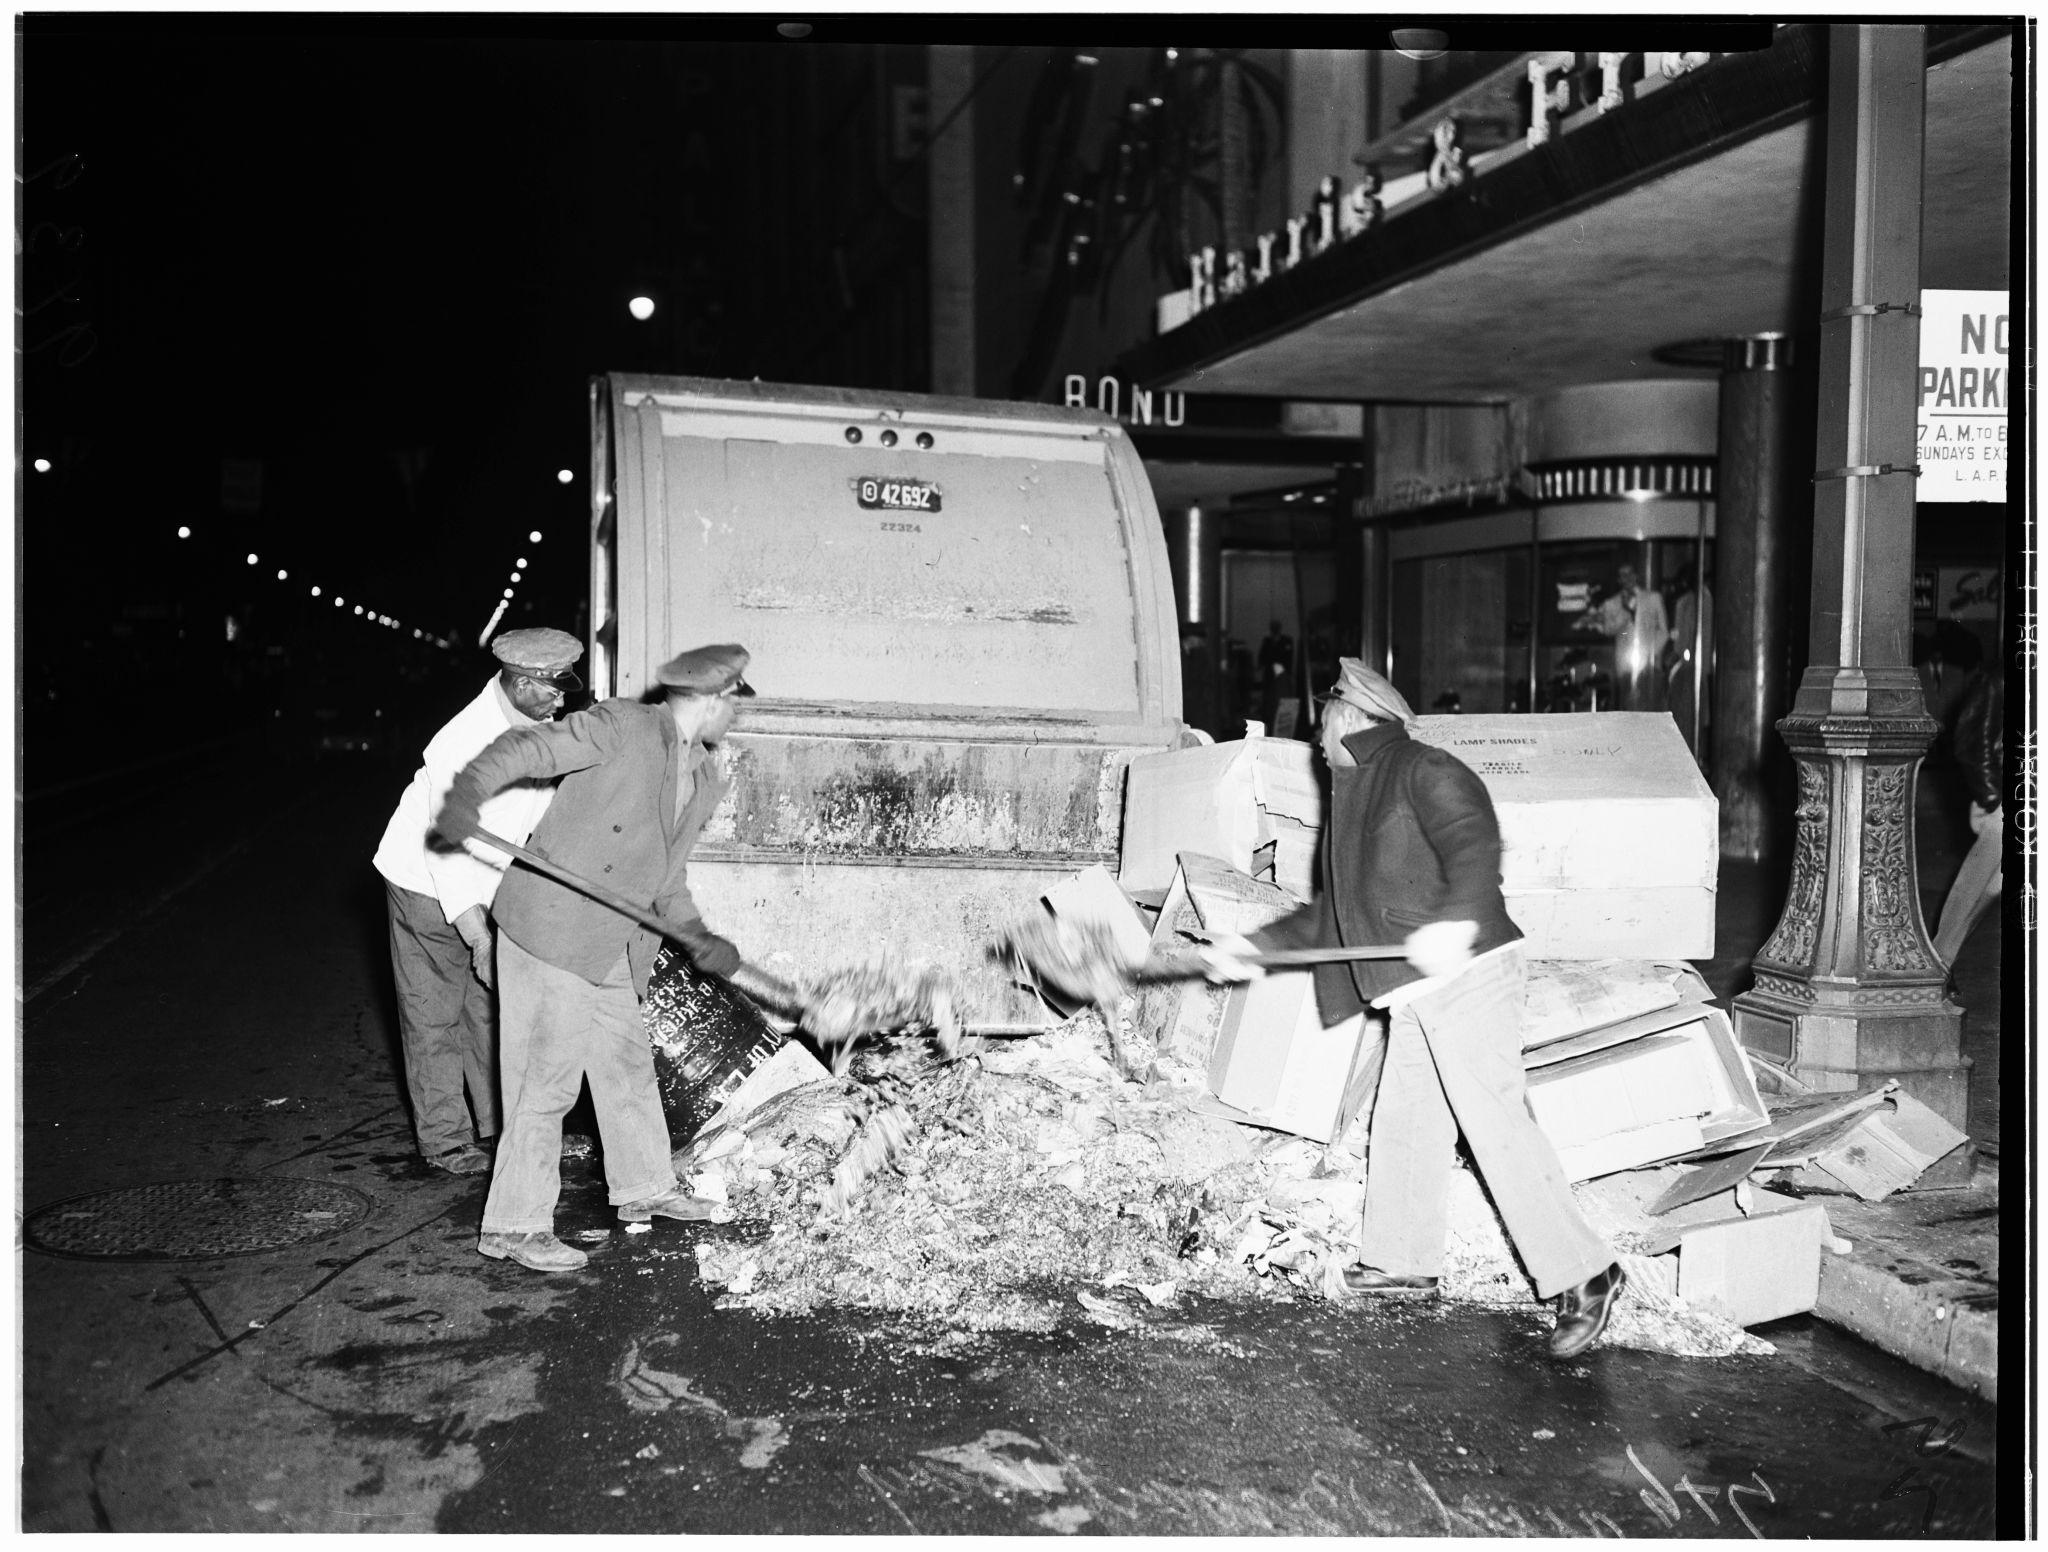 1952. Уборка мусора в канун Нового года на 7-й улице и Бродвее.jpg